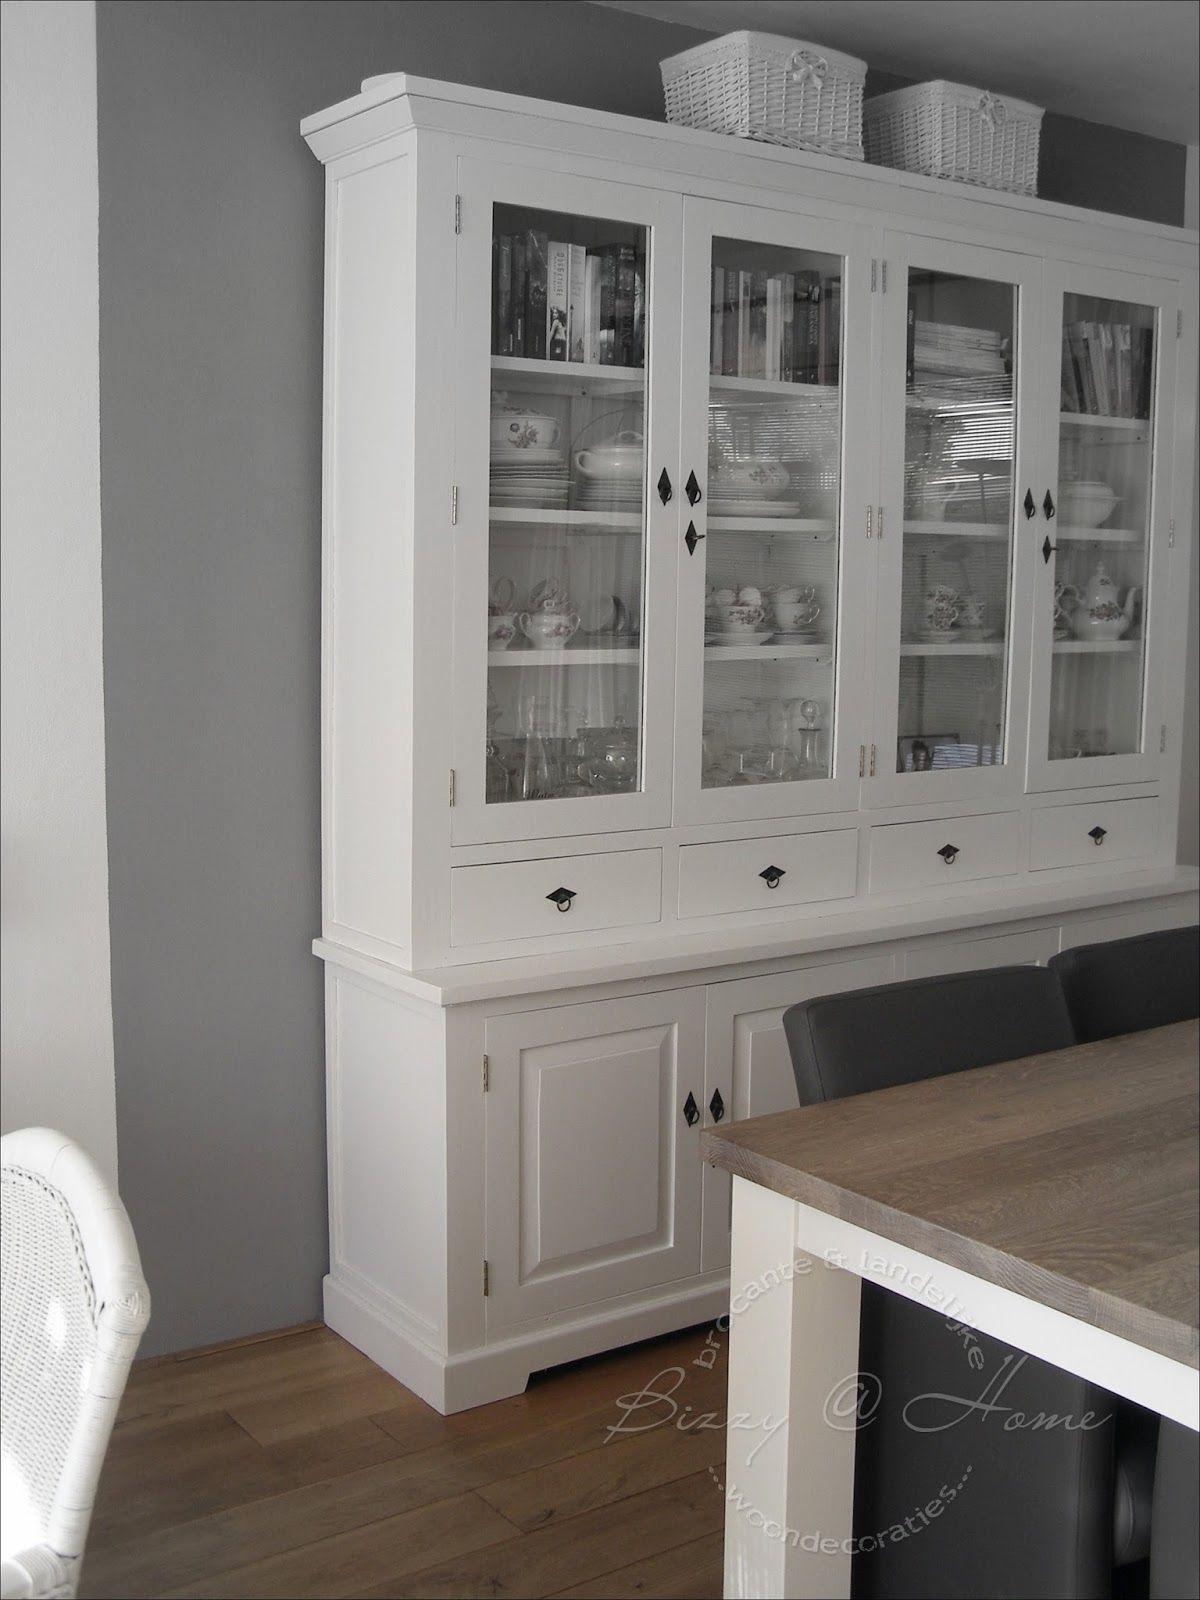 afbeeldingsresultaat voor donkere muur met een witte kast er tegenaan eetkamer in 2018. Black Bedroom Furniture Sets. Home Design Ideas